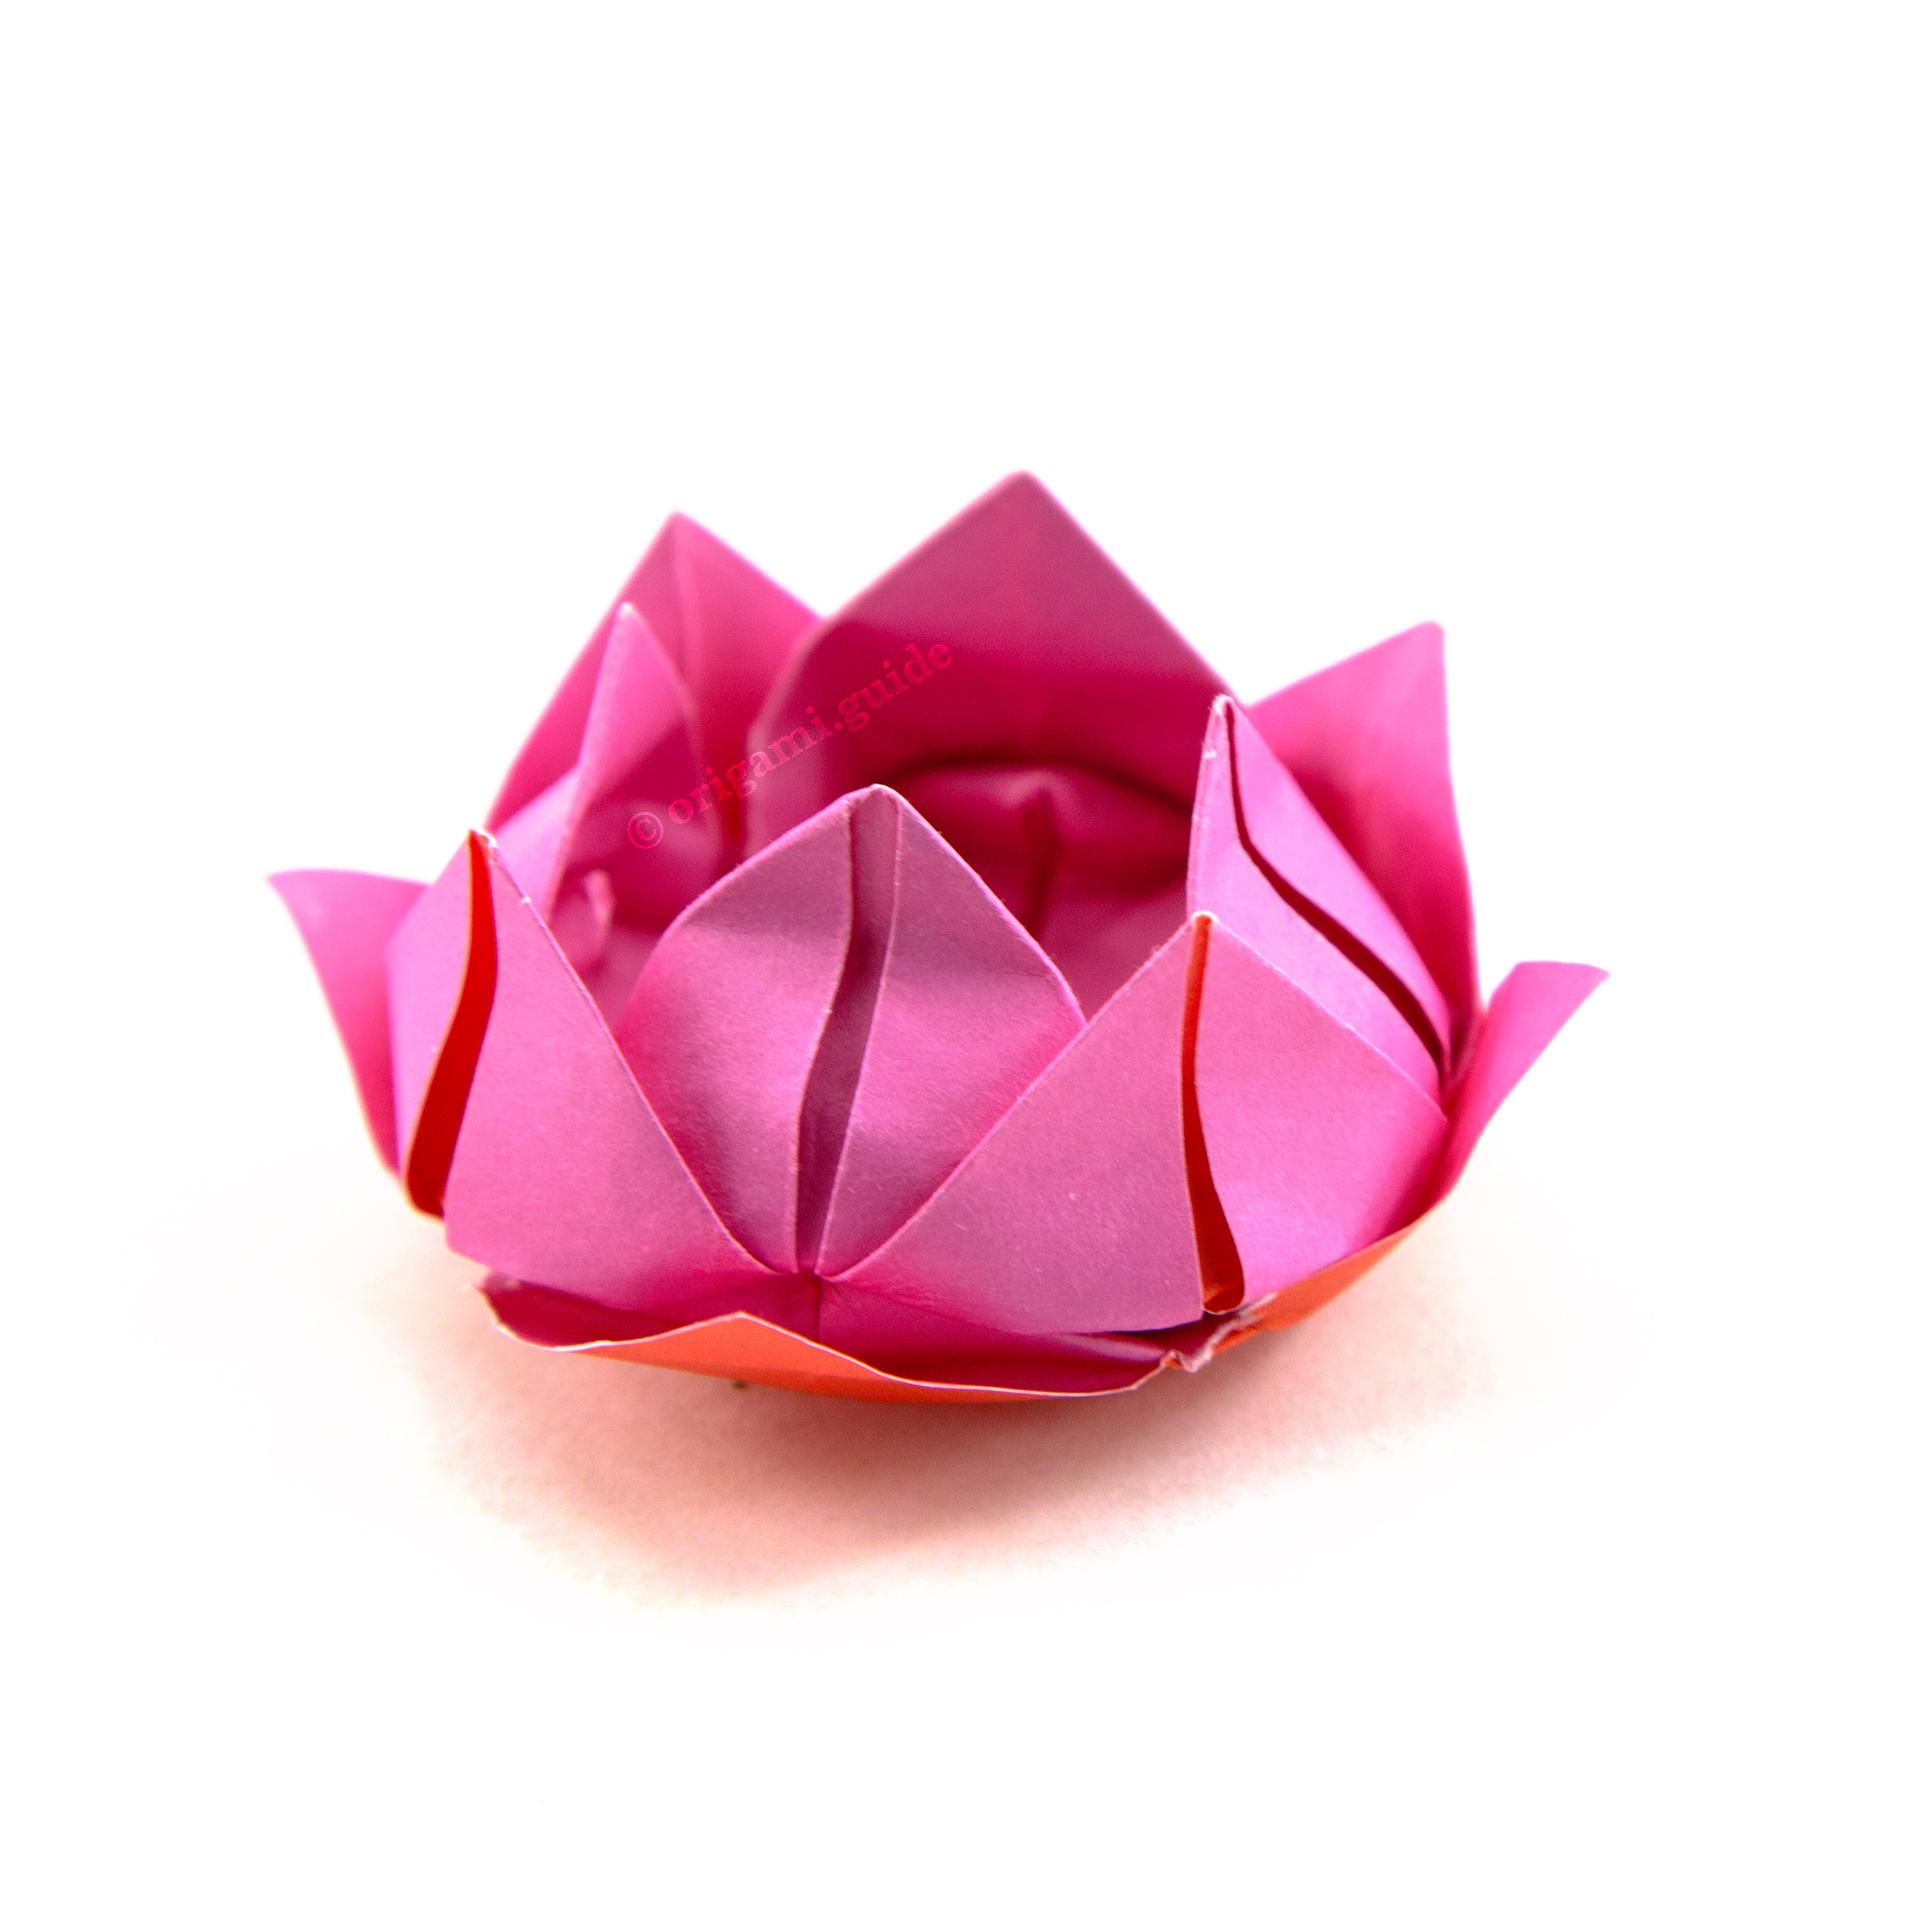 Цветок лотоса из гофрированной бумаги — своими руками